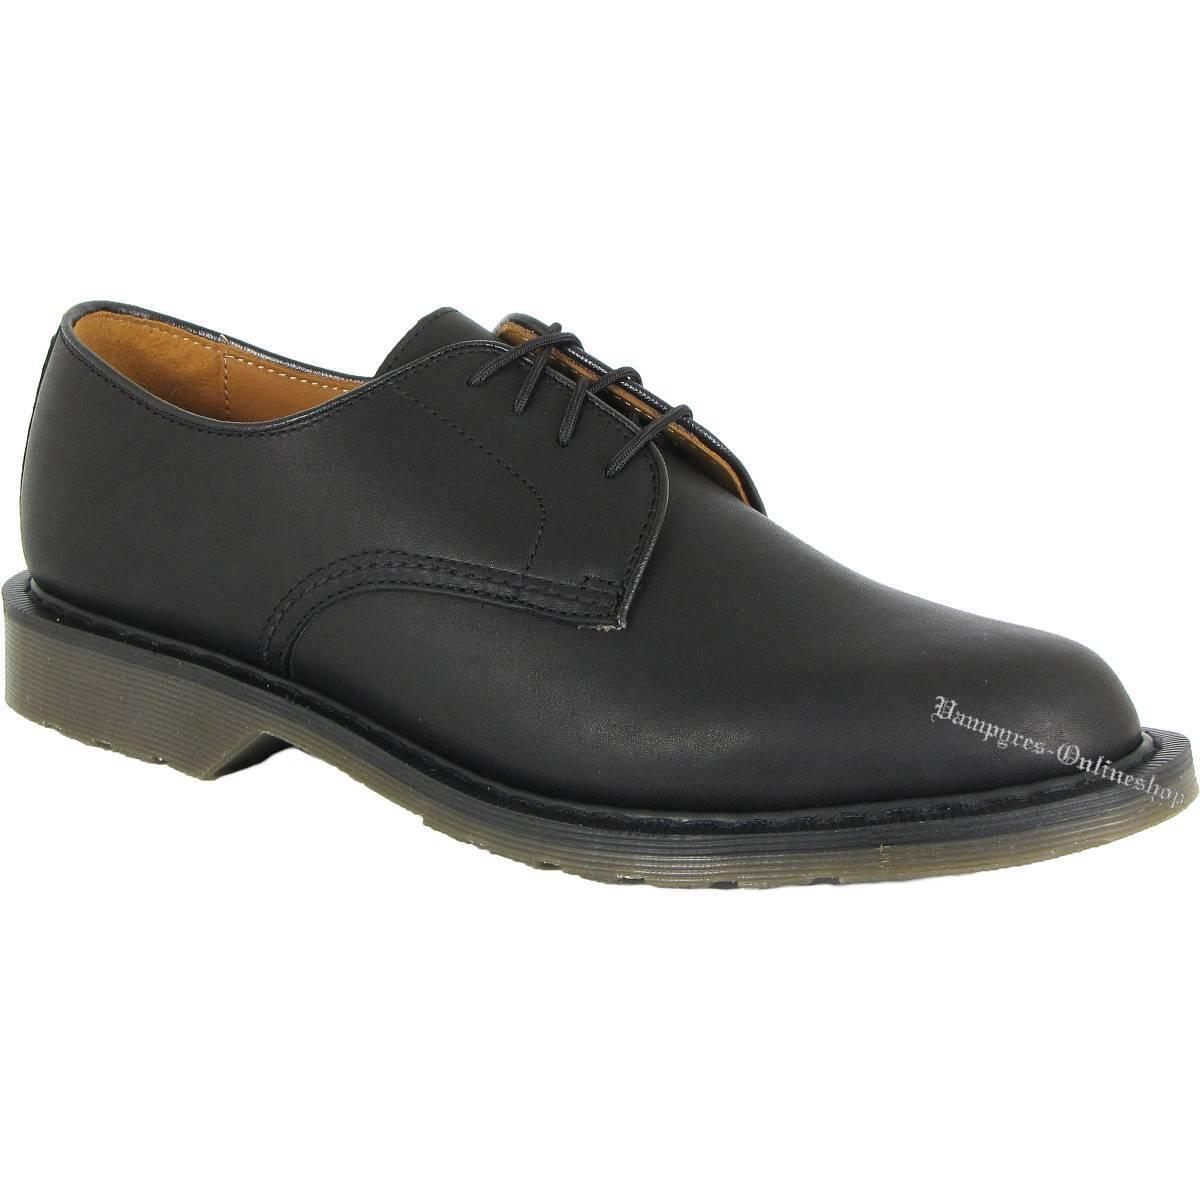 Dr. Martens Octavius Greasy 15687001 Schwarz Schwarz Schwarz Leder Black Docs Schuhe Air Wair ee5168